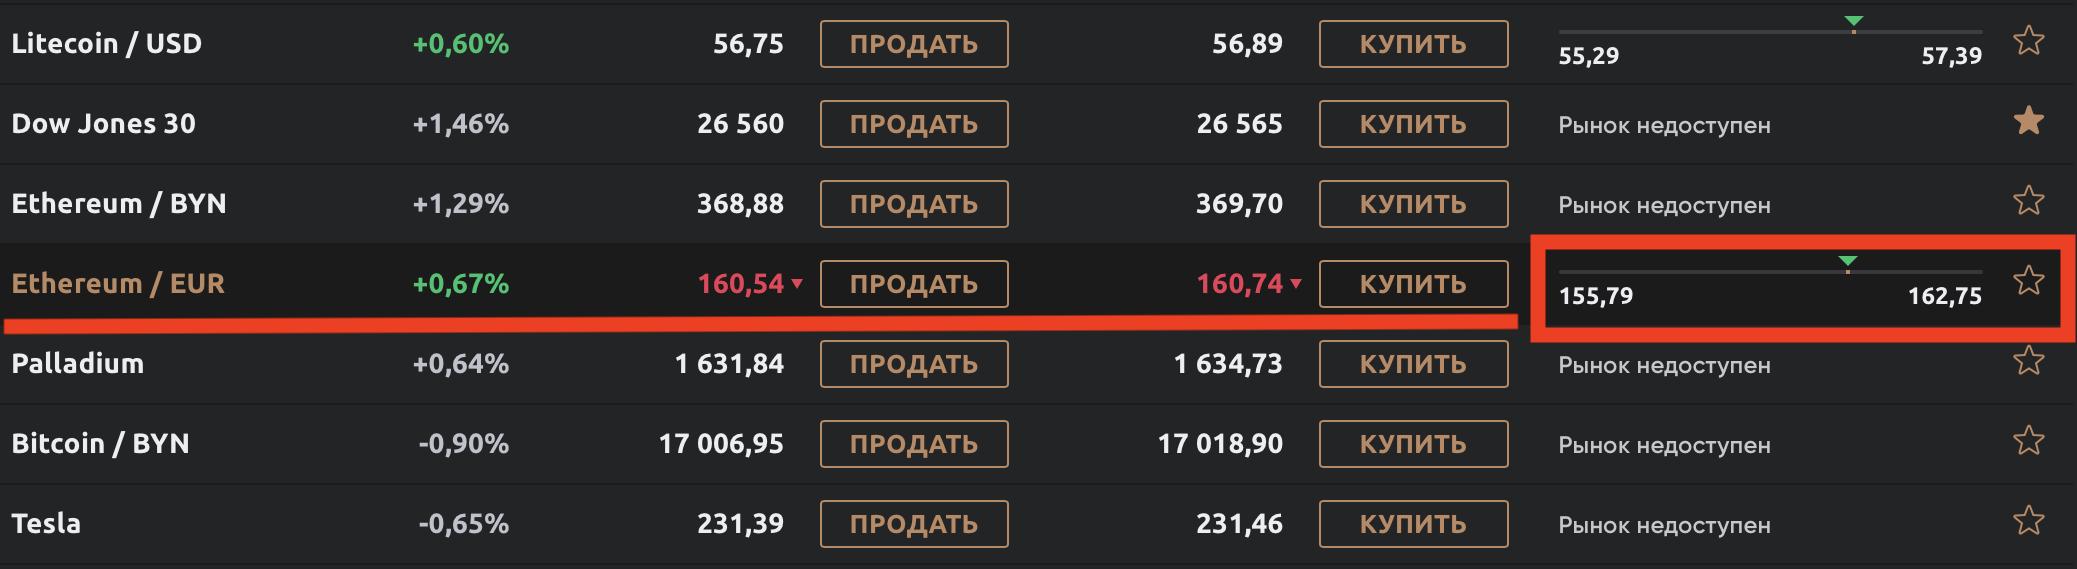 Вкладки Купить/Продать на бирже Currency.com